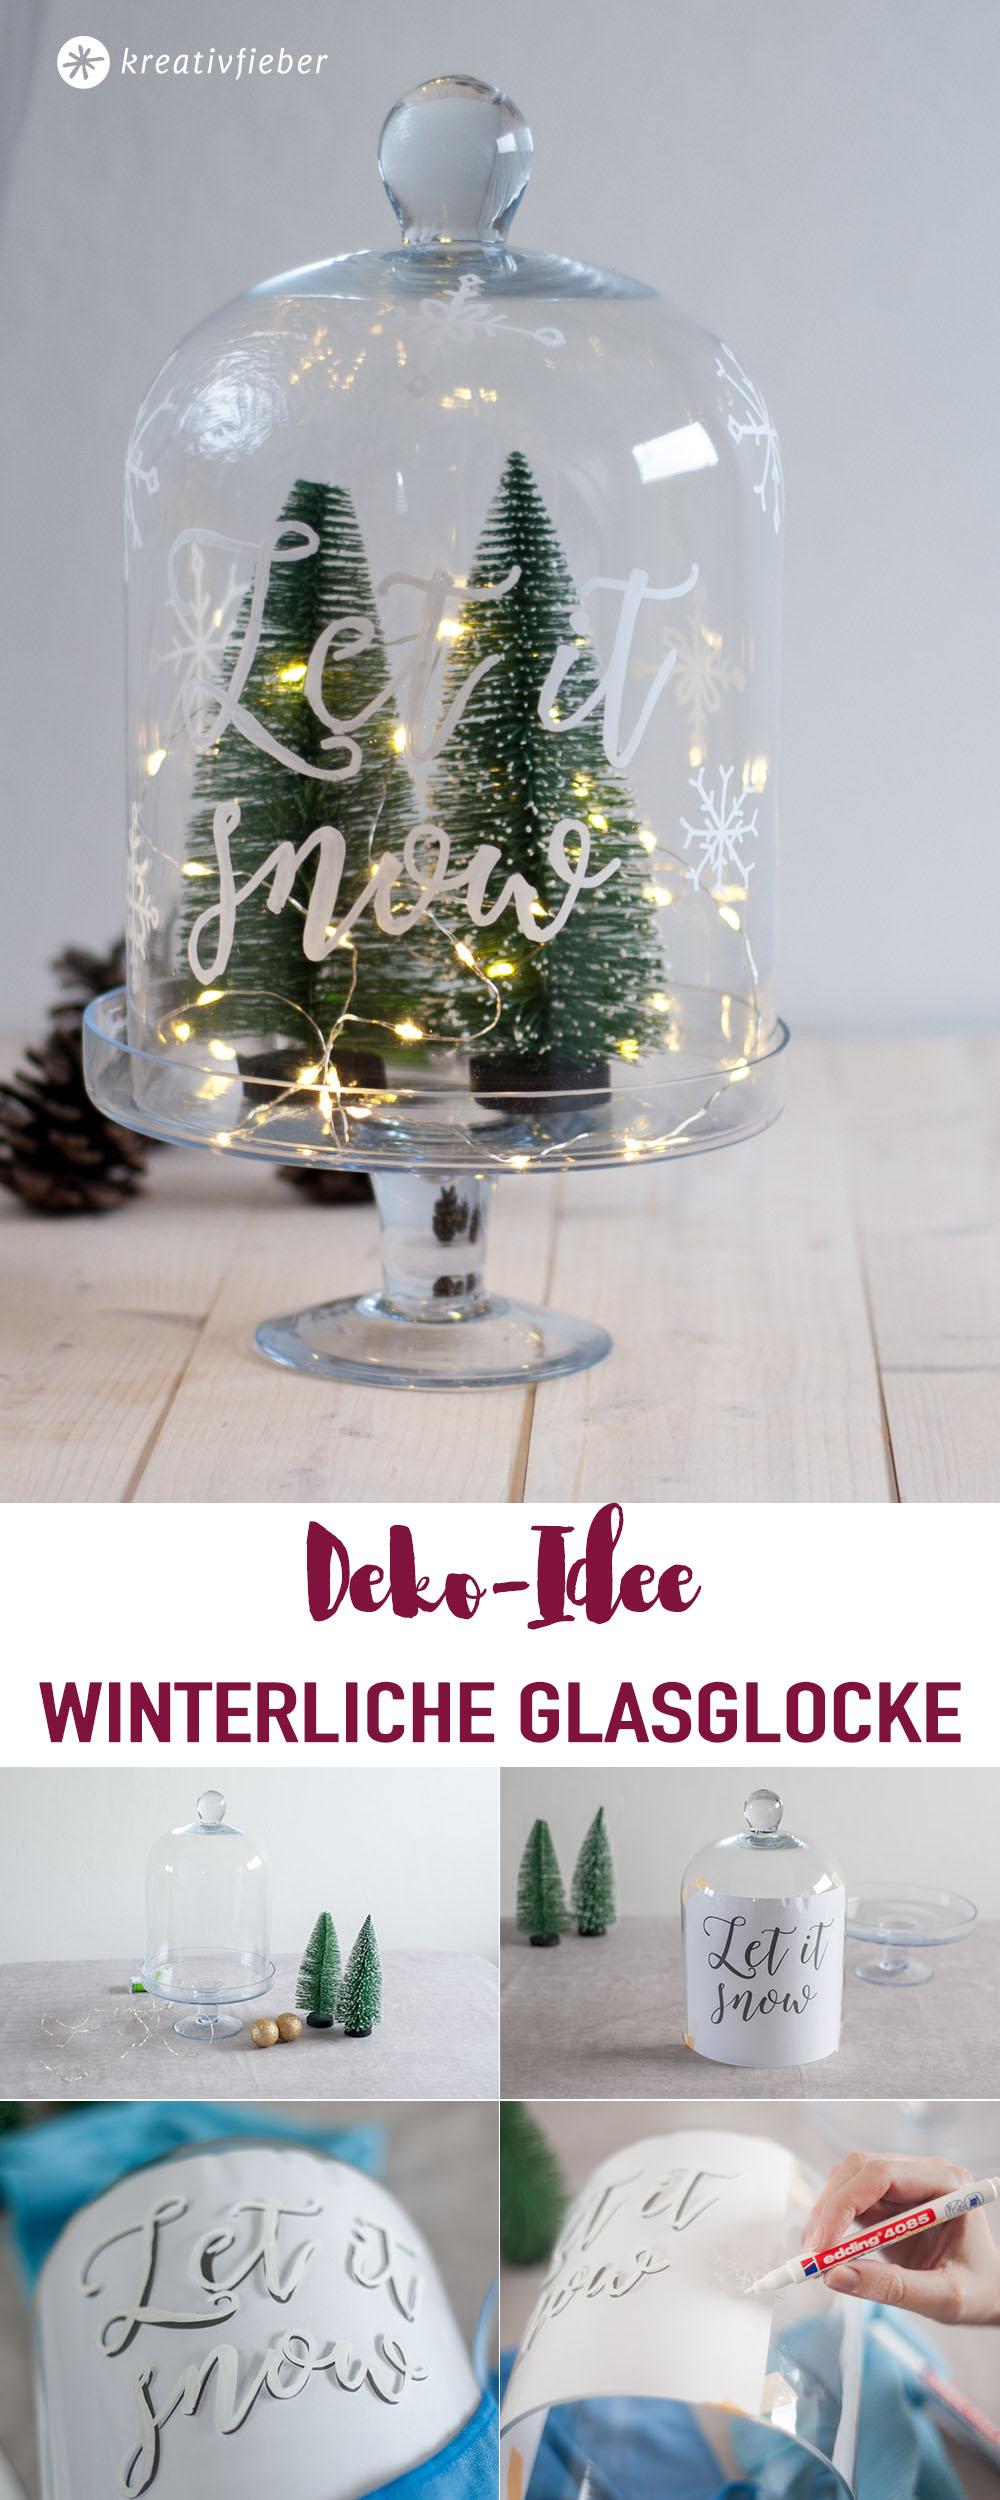 DIY Weihnachtsdeko Winterdeko GLasglocke und Kreidemarkern